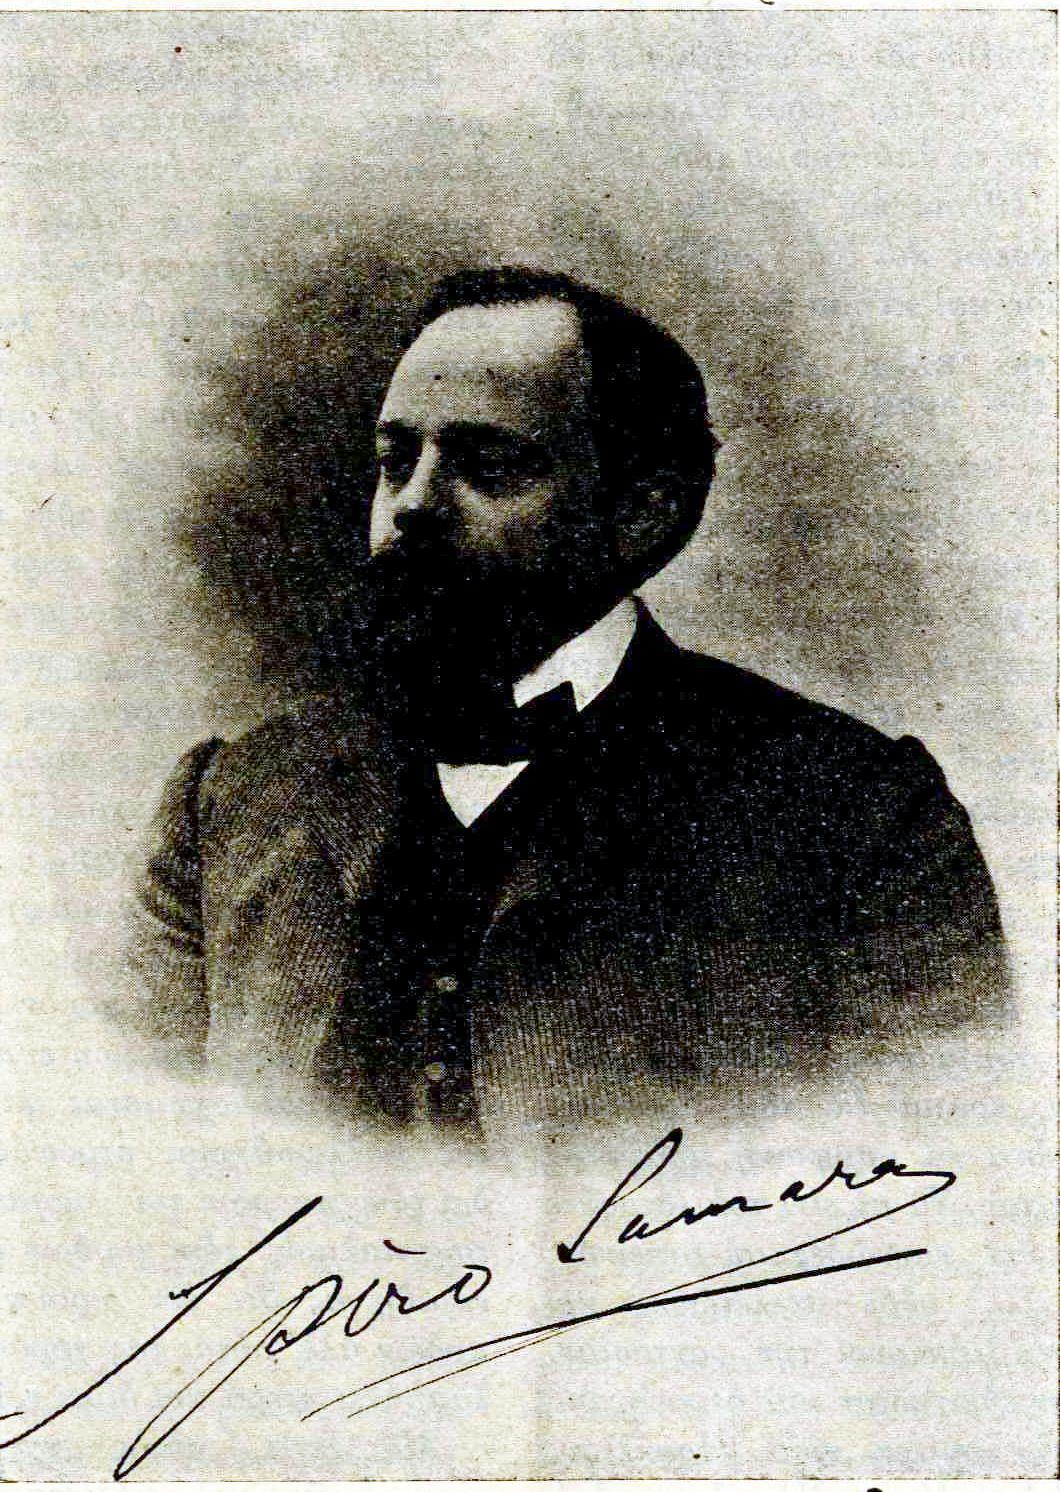 Σπυρίδων-Φιλίσκος Σαμάρας (1861-1917)